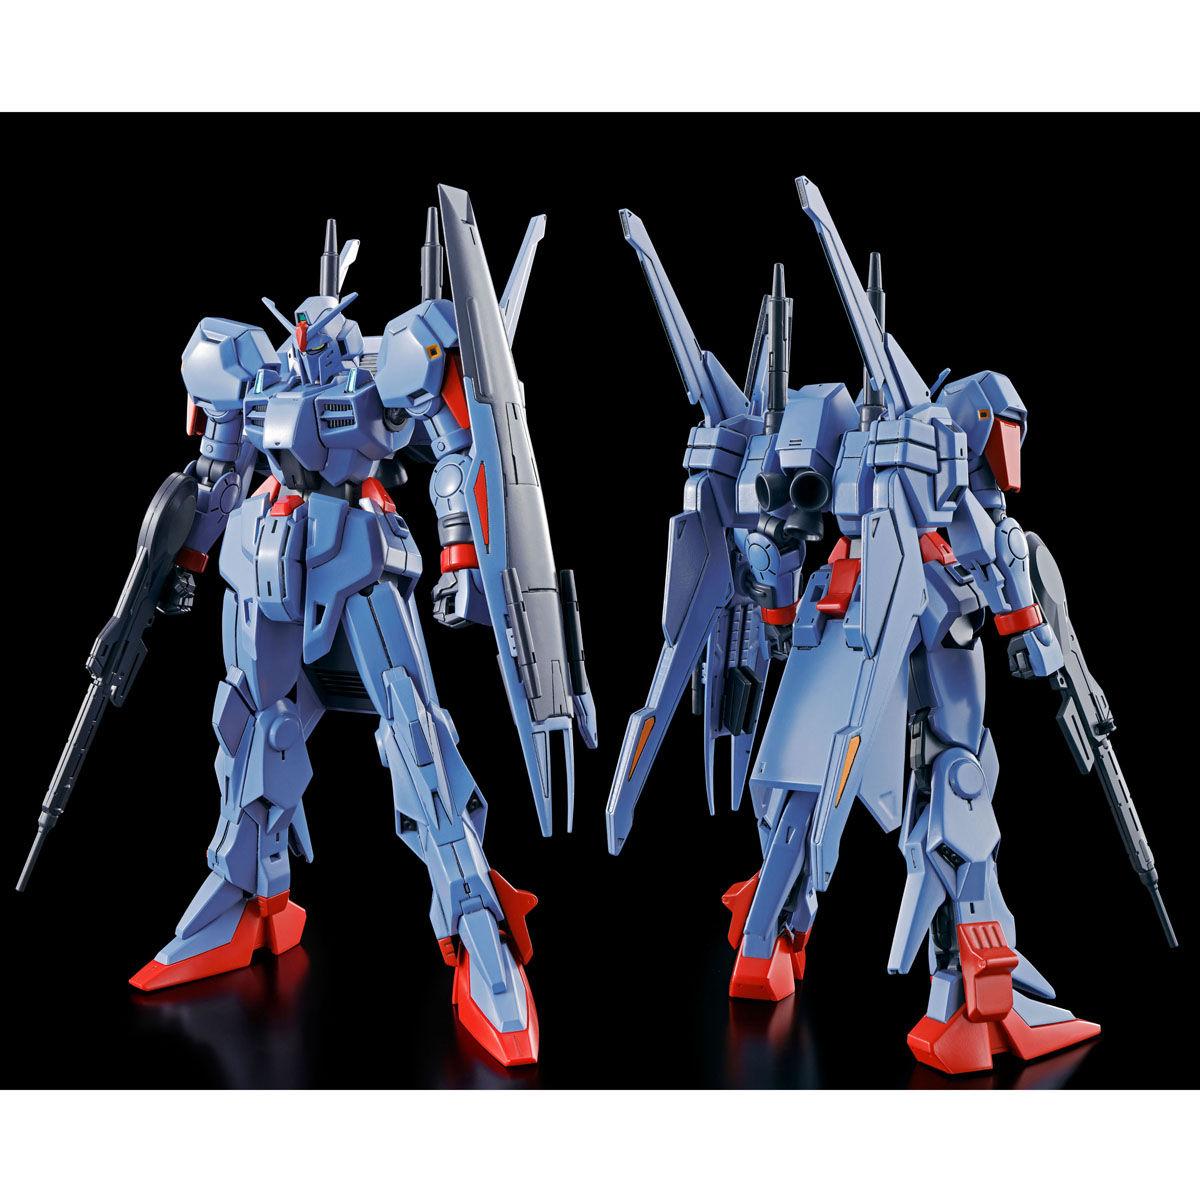 【限定販売】【2次】HG 1/144『ガンダムMk-III』Ζ-MSV プラモデル-002